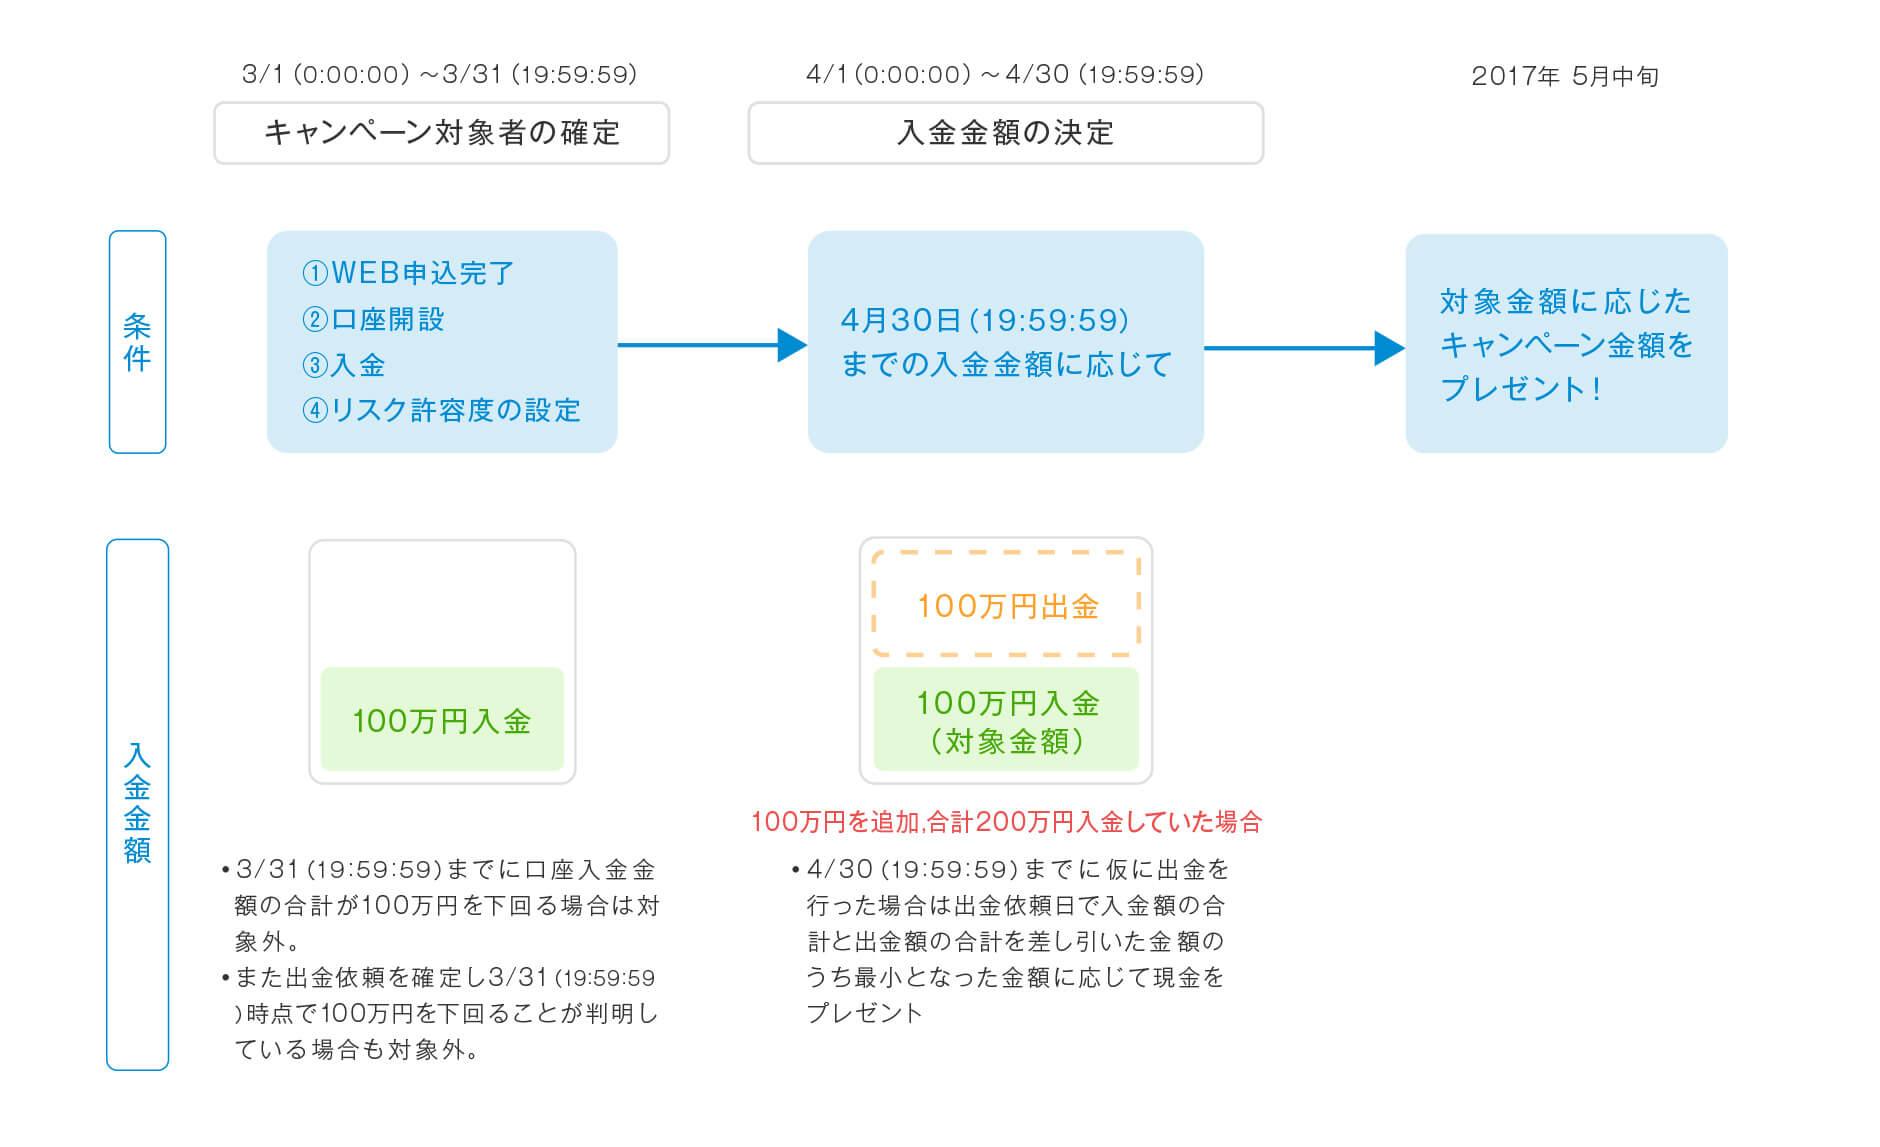 資産運用開始キャンペーン [第7弾]:キャンペーン期間中に初めて資産運用を開始された方に最大50,000円プレゼント!2017年3月1日(水)から2017年3月31日(金)まで